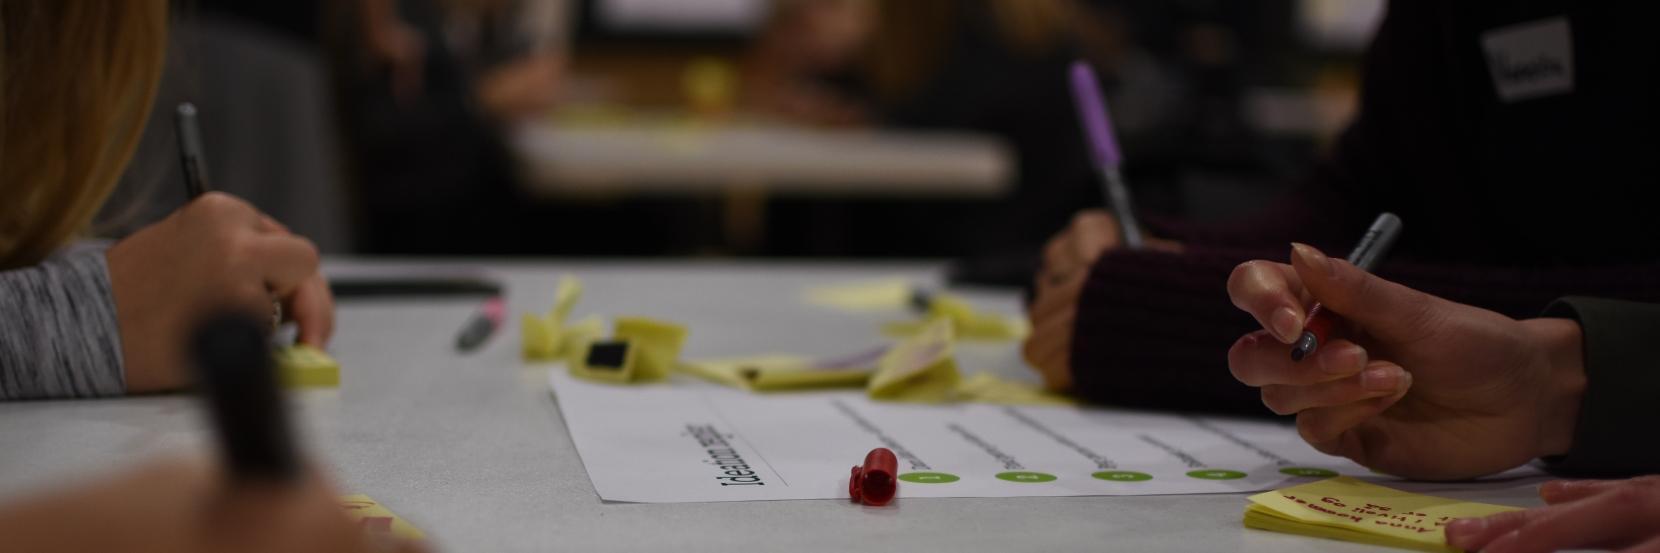 Elever brainstormer ideer